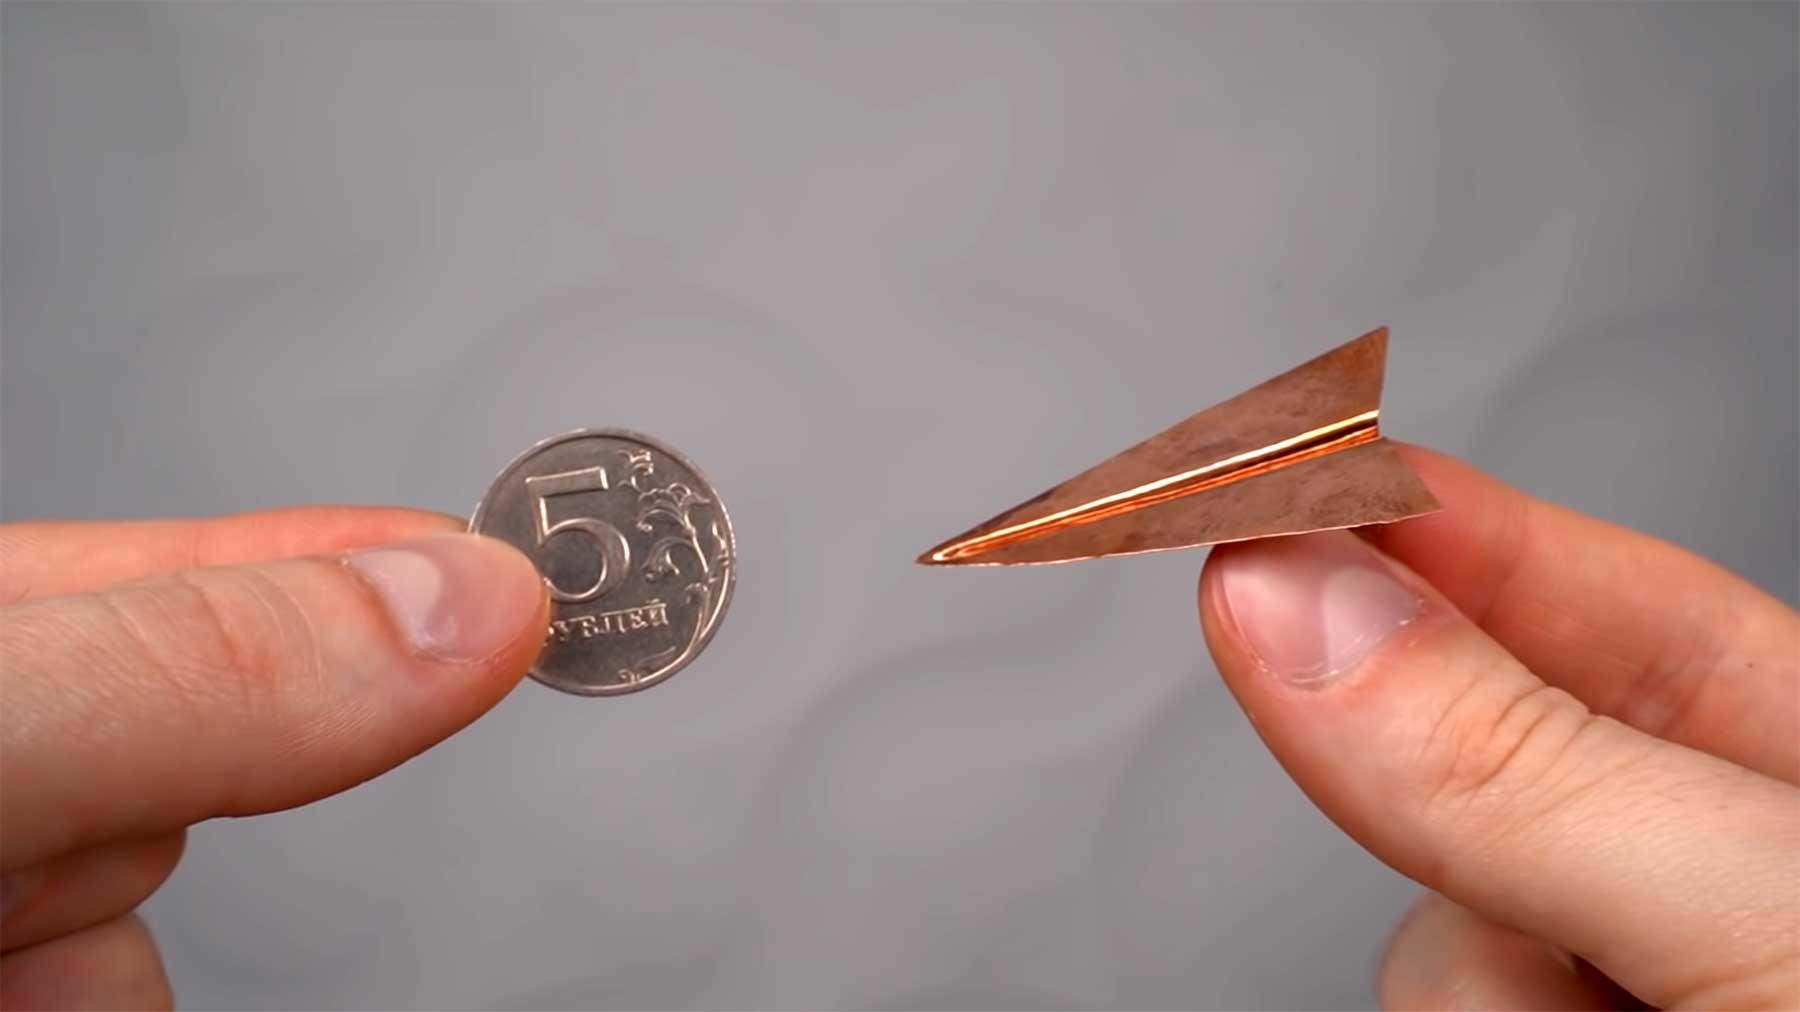 """Einen """"Papierflieger"""" aus einer Münze schmieden papierflieger-aus-muenze-gefertigt"""